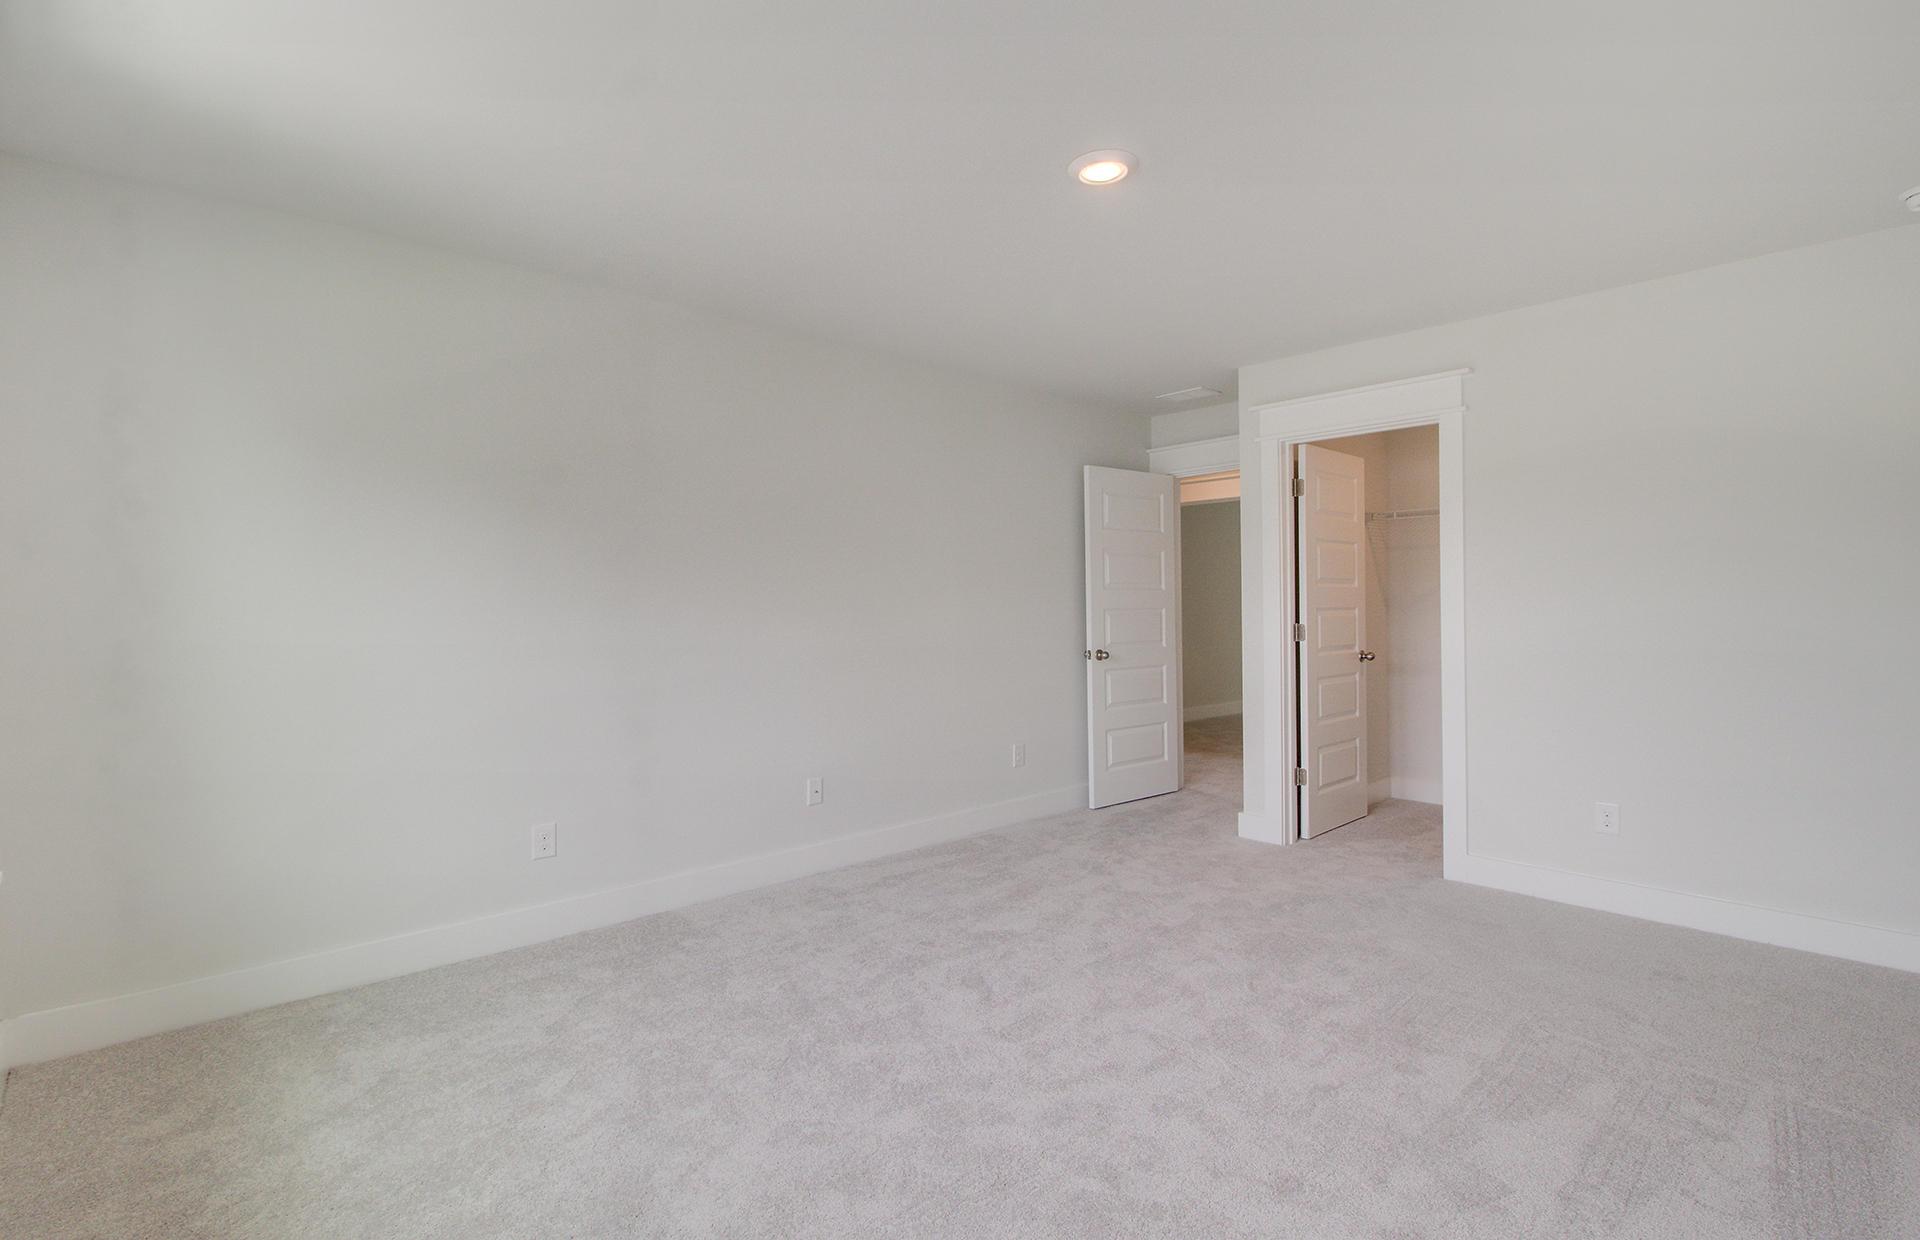 Park West Homes For Sale - 3013 Caspian, Mount Pleasant, SC - 19